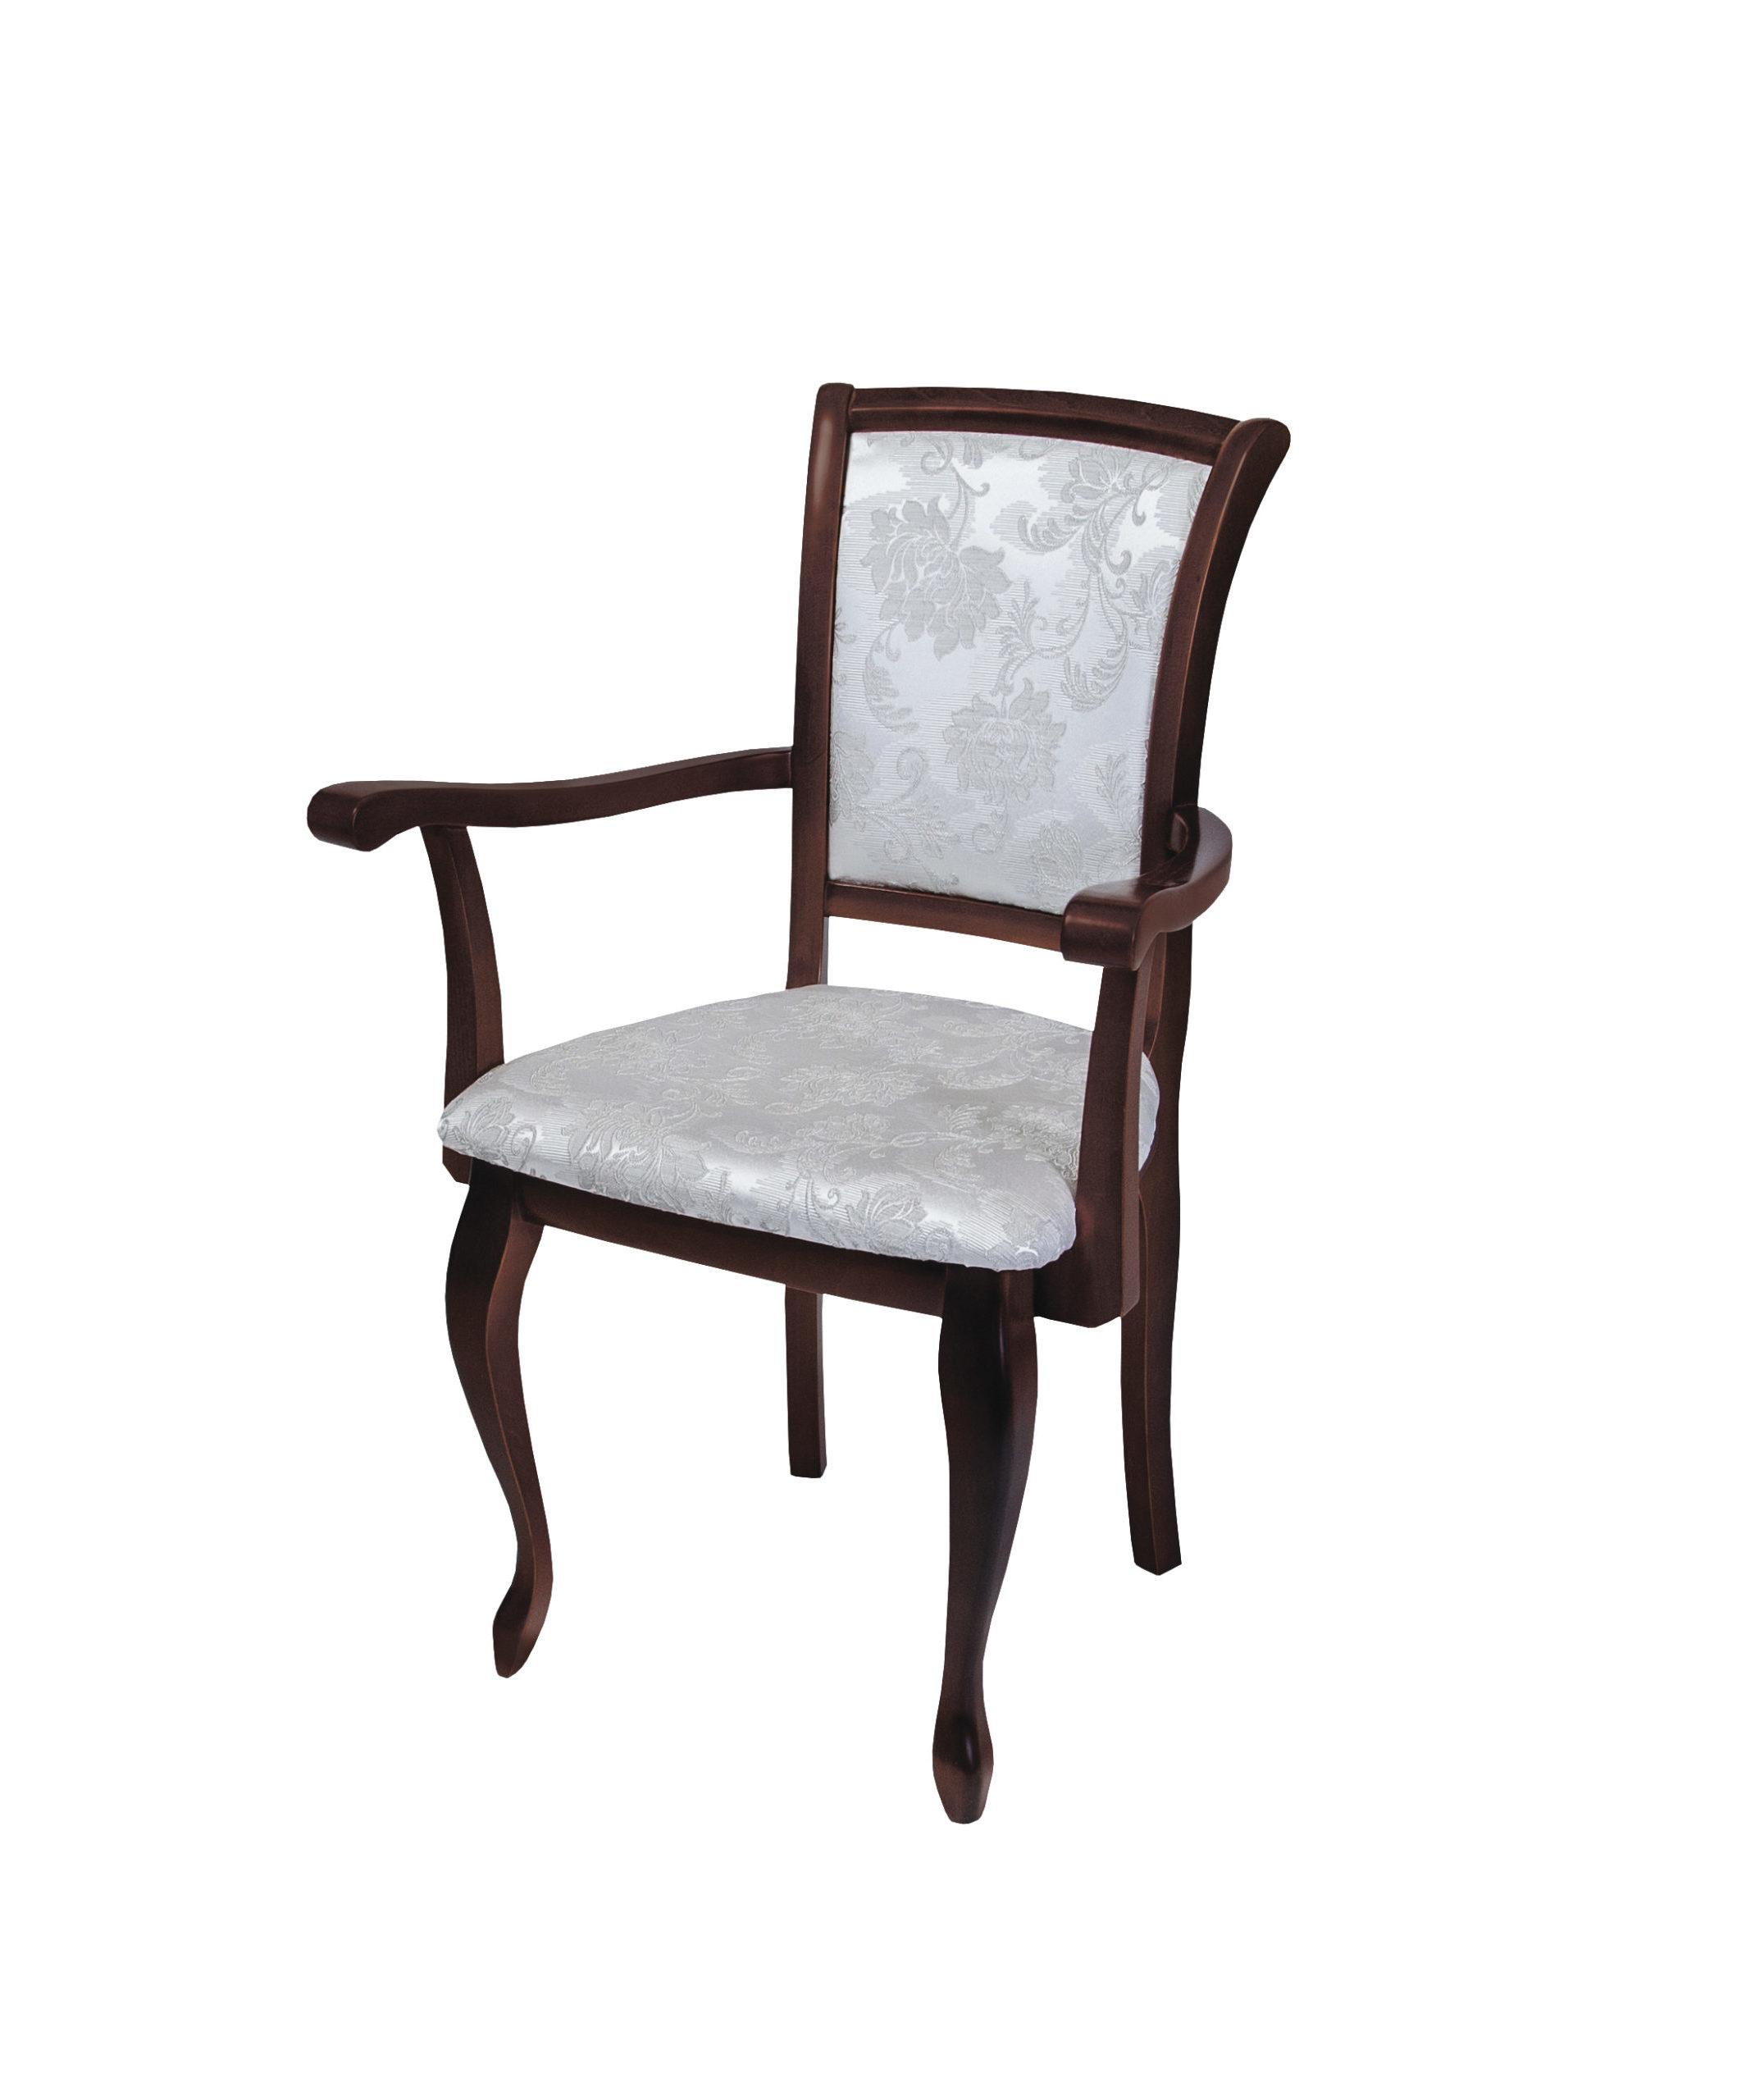 4708. Каркас кресла из массива бука.